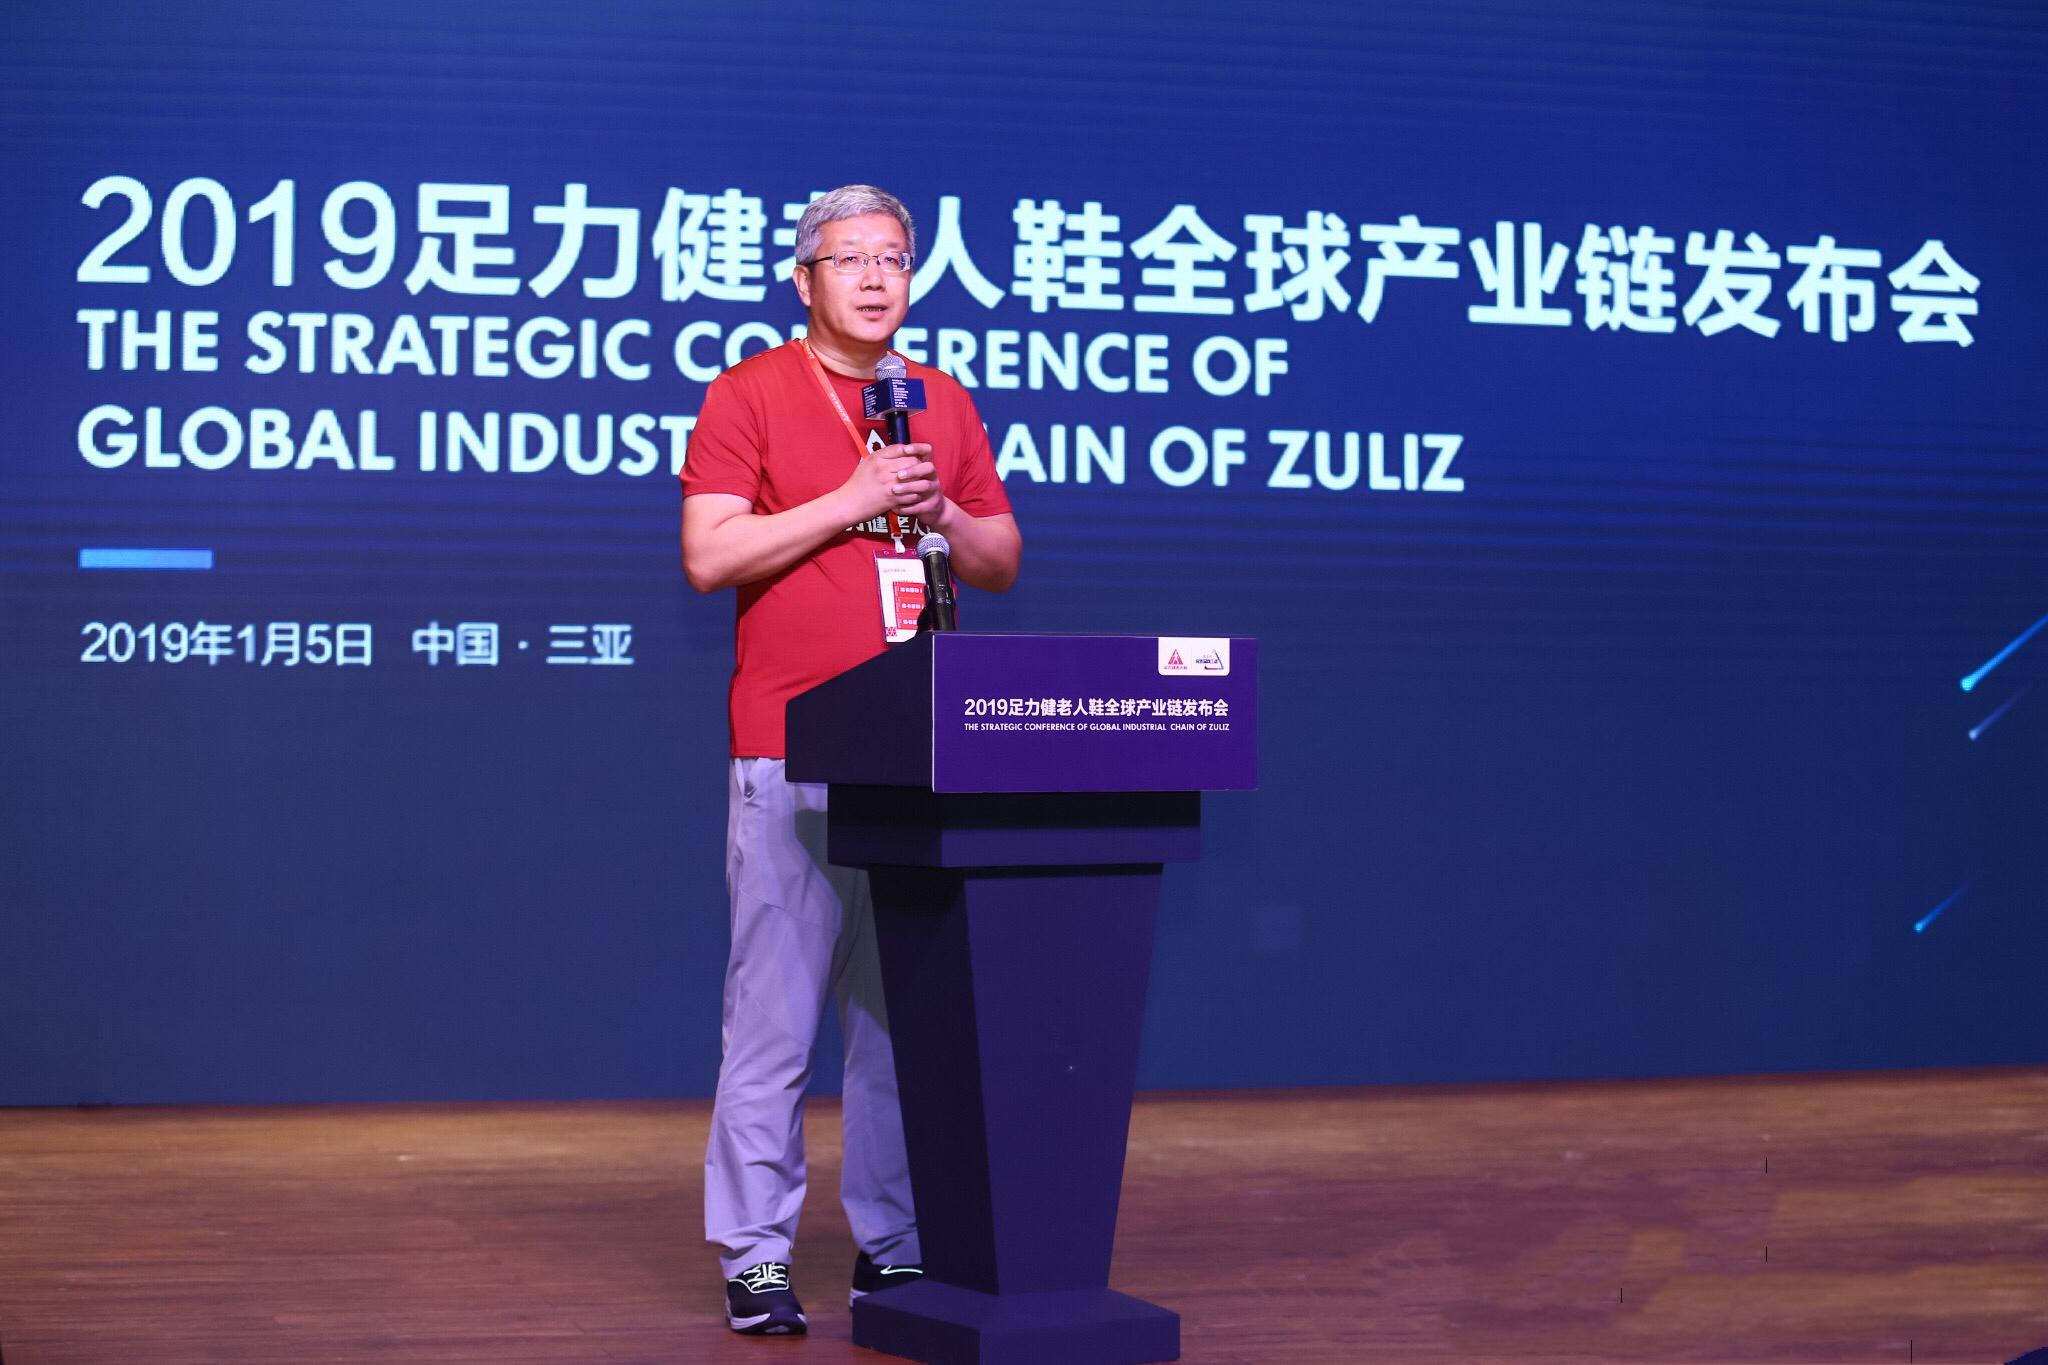 足力健老人鞋整合环球资源 打造专业老人鞋香港马会开奖结果新格式